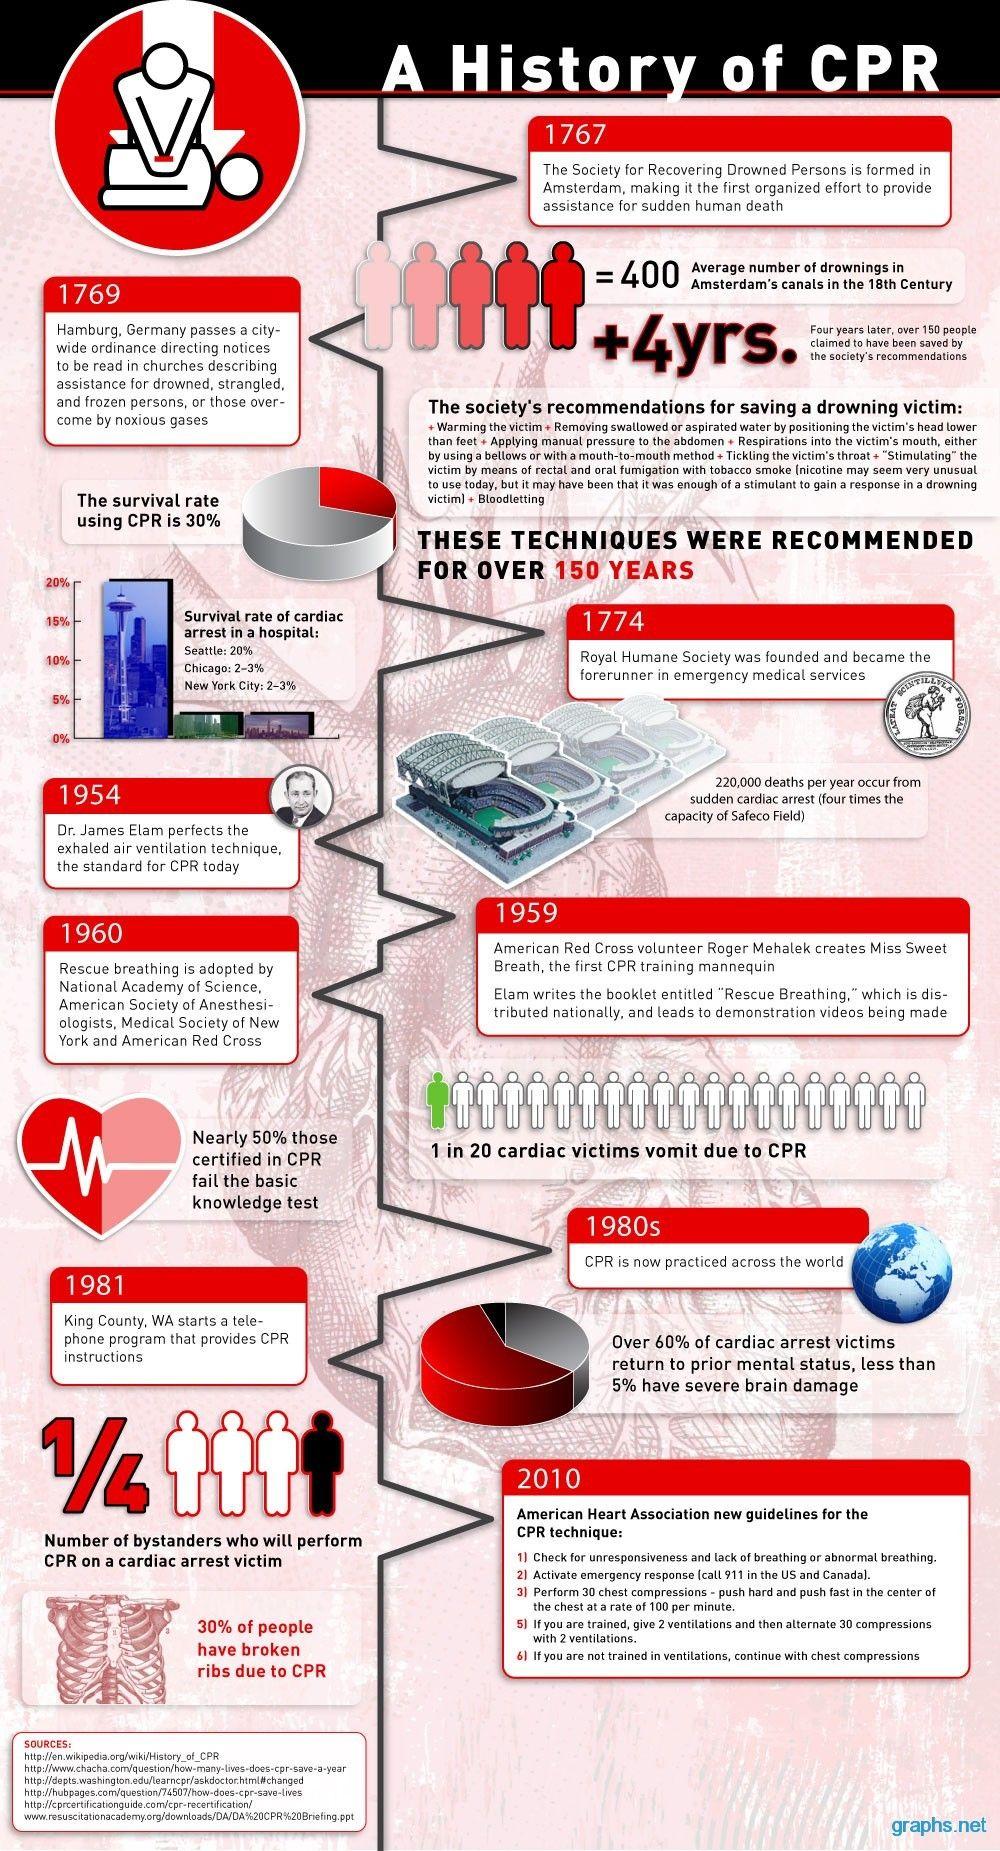 history of cpr timeline | Nursing stuff | Pinterest | Medical and ...